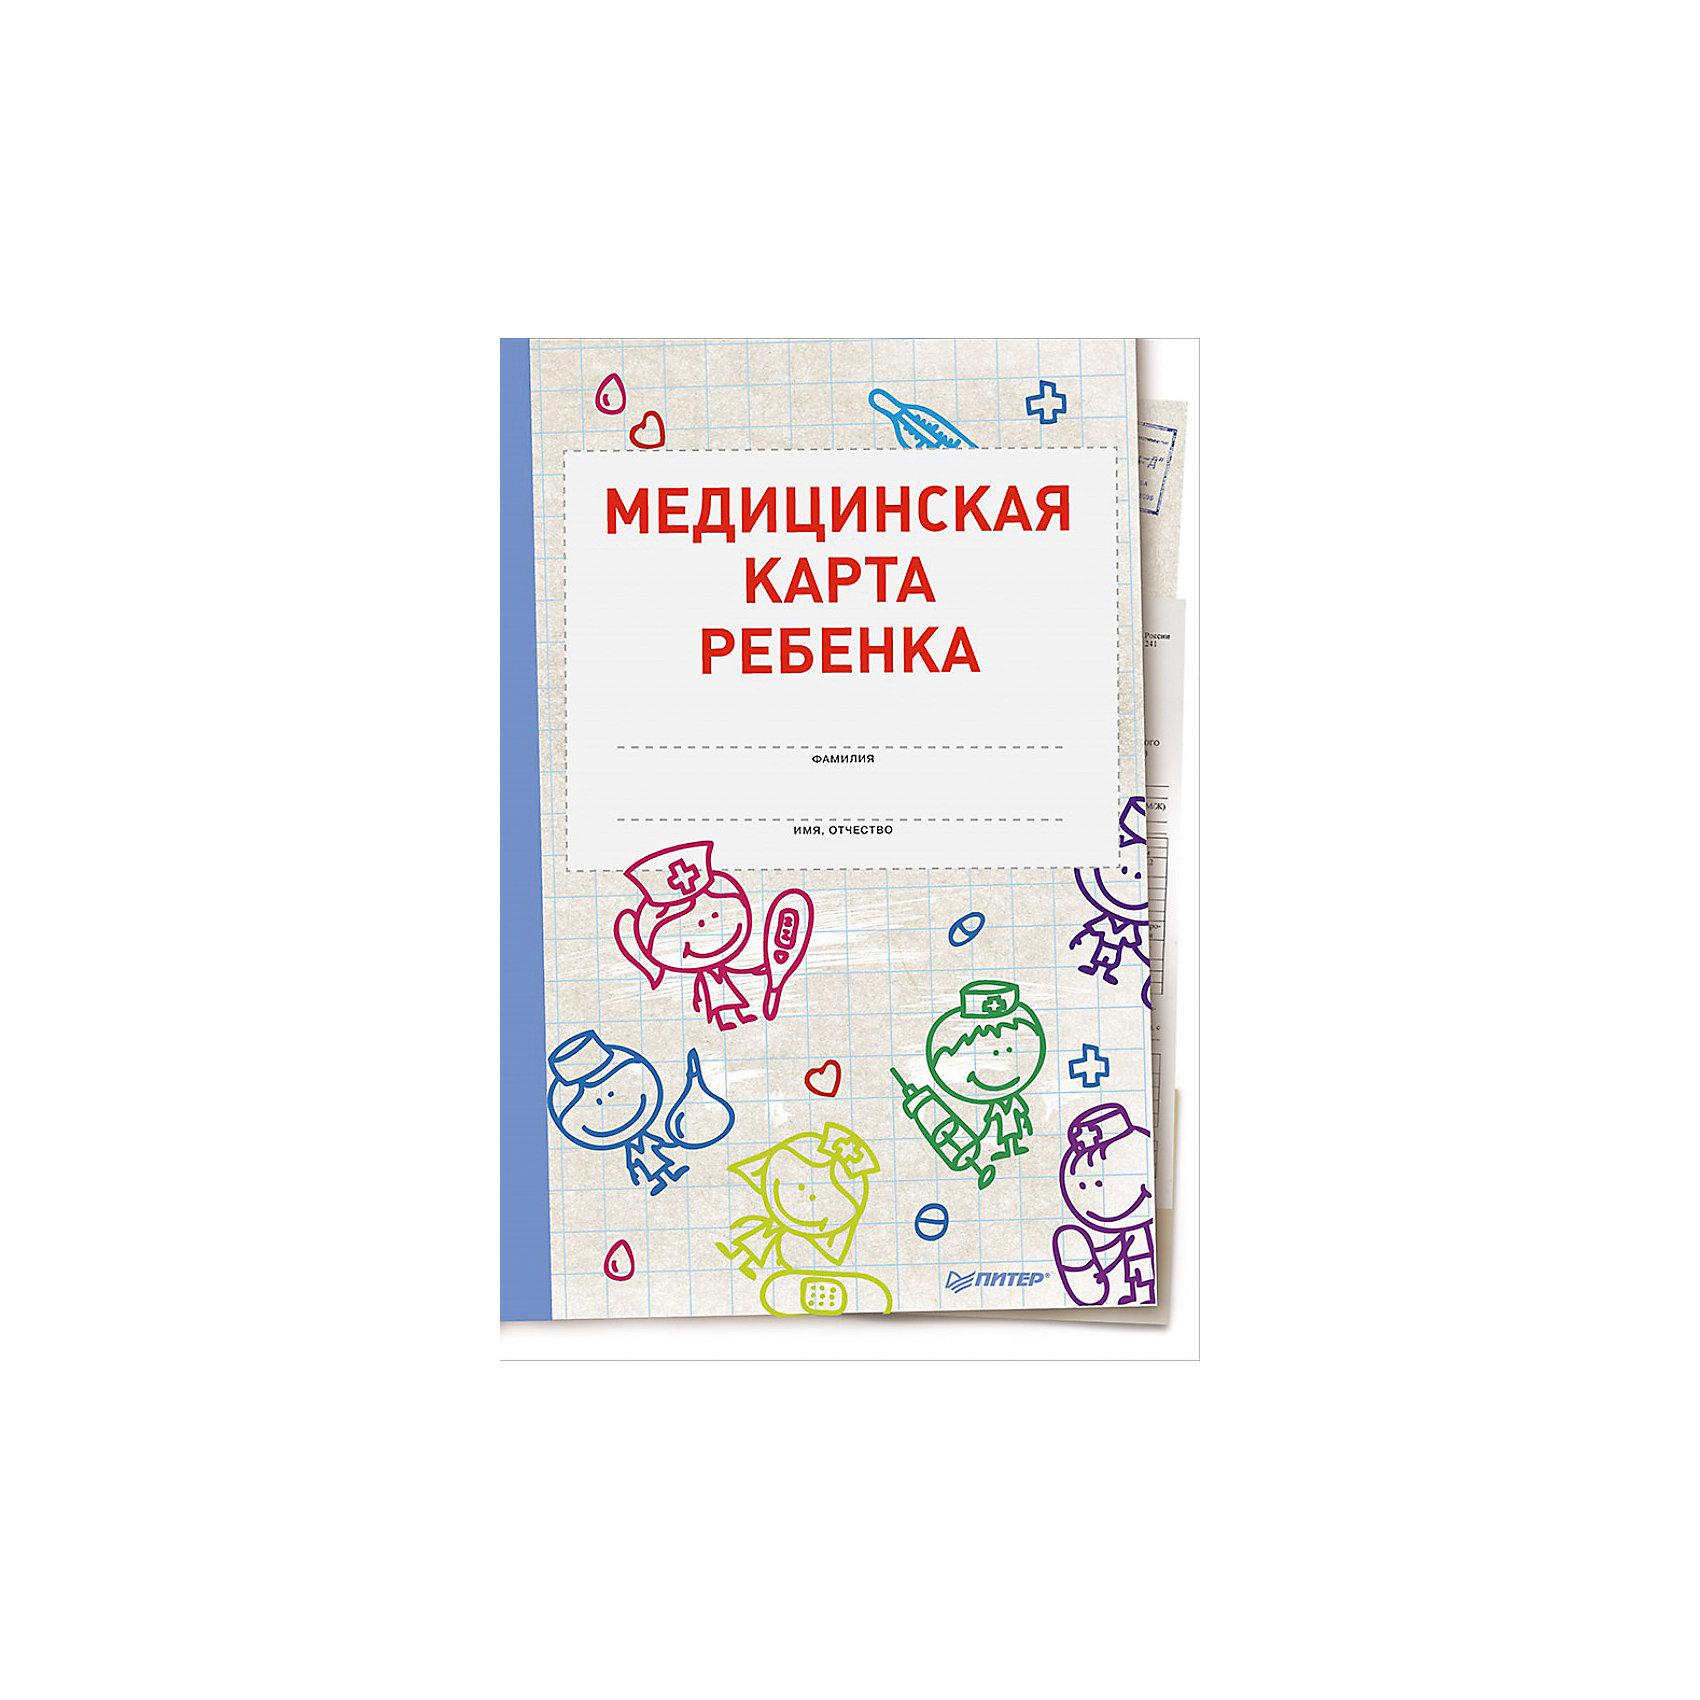 ПИТЕР Книга Медицинская карта ребенка питер книга медицинская карта ребенка